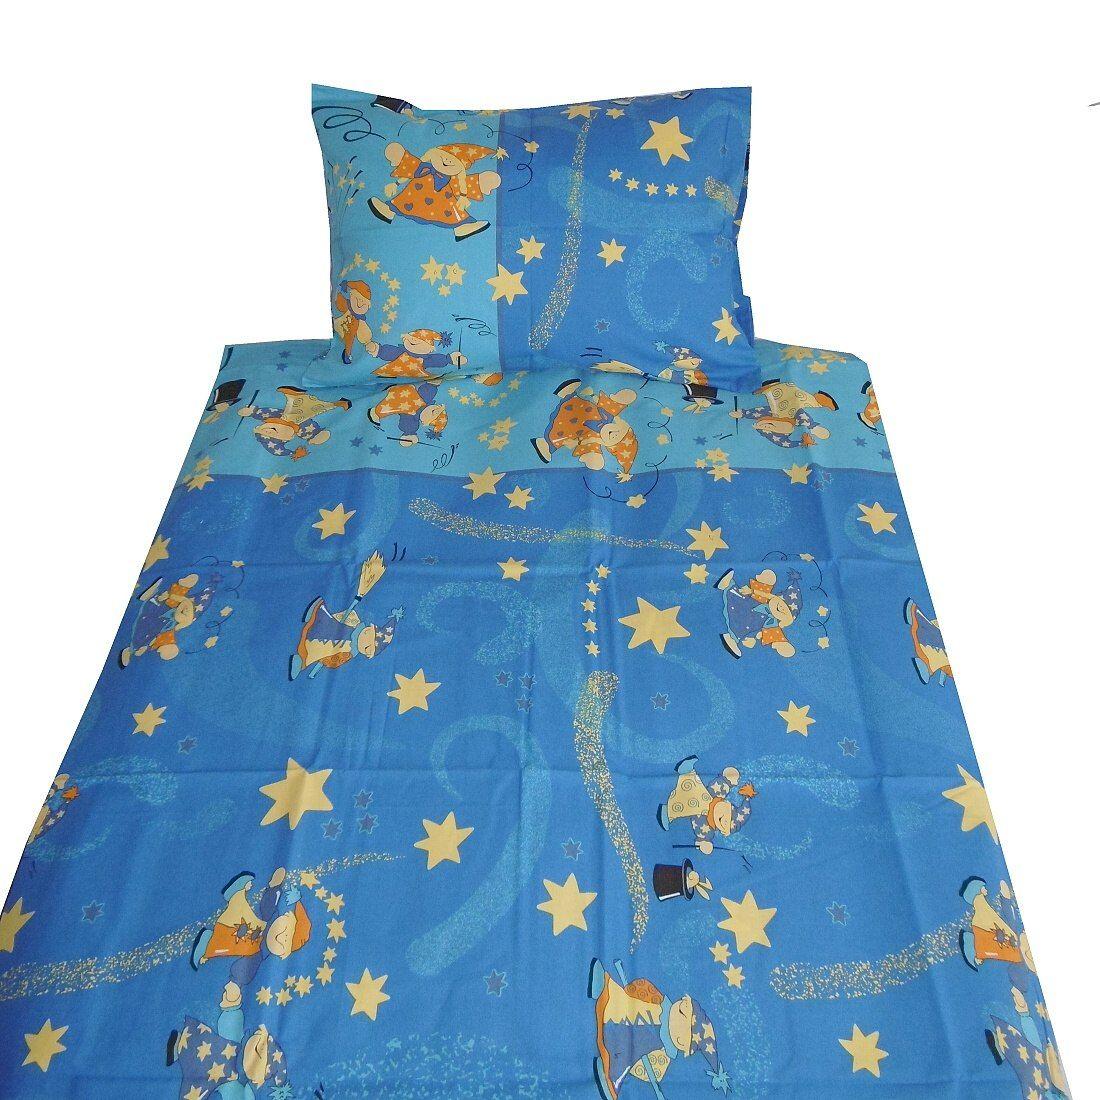 Pěkné bavlněné povlečení s kouzelníkem v modré barvě Dadka